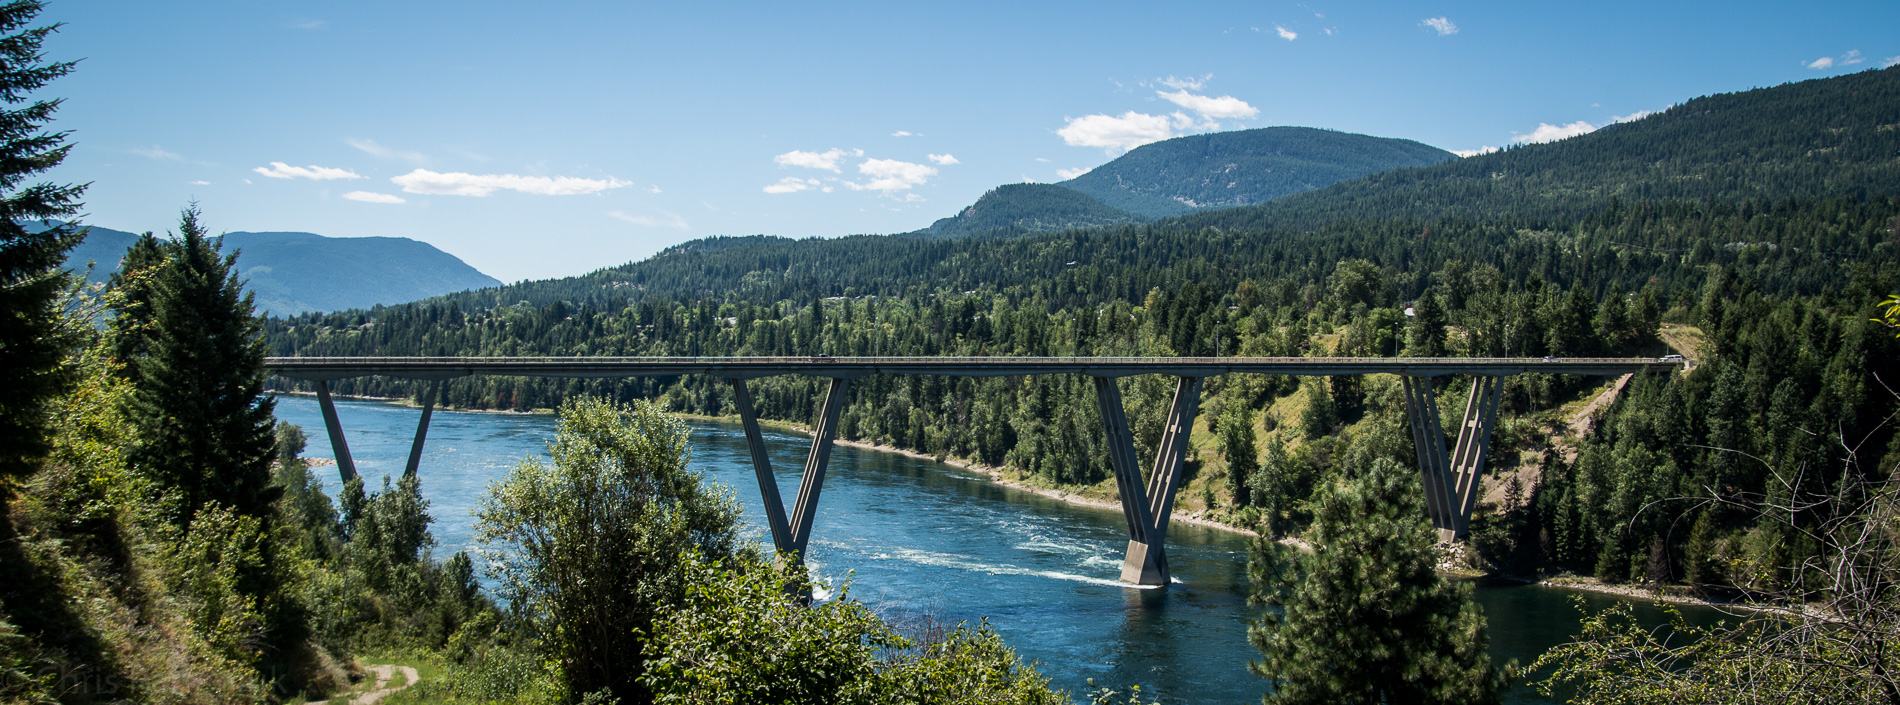 Kinnaird Bridge